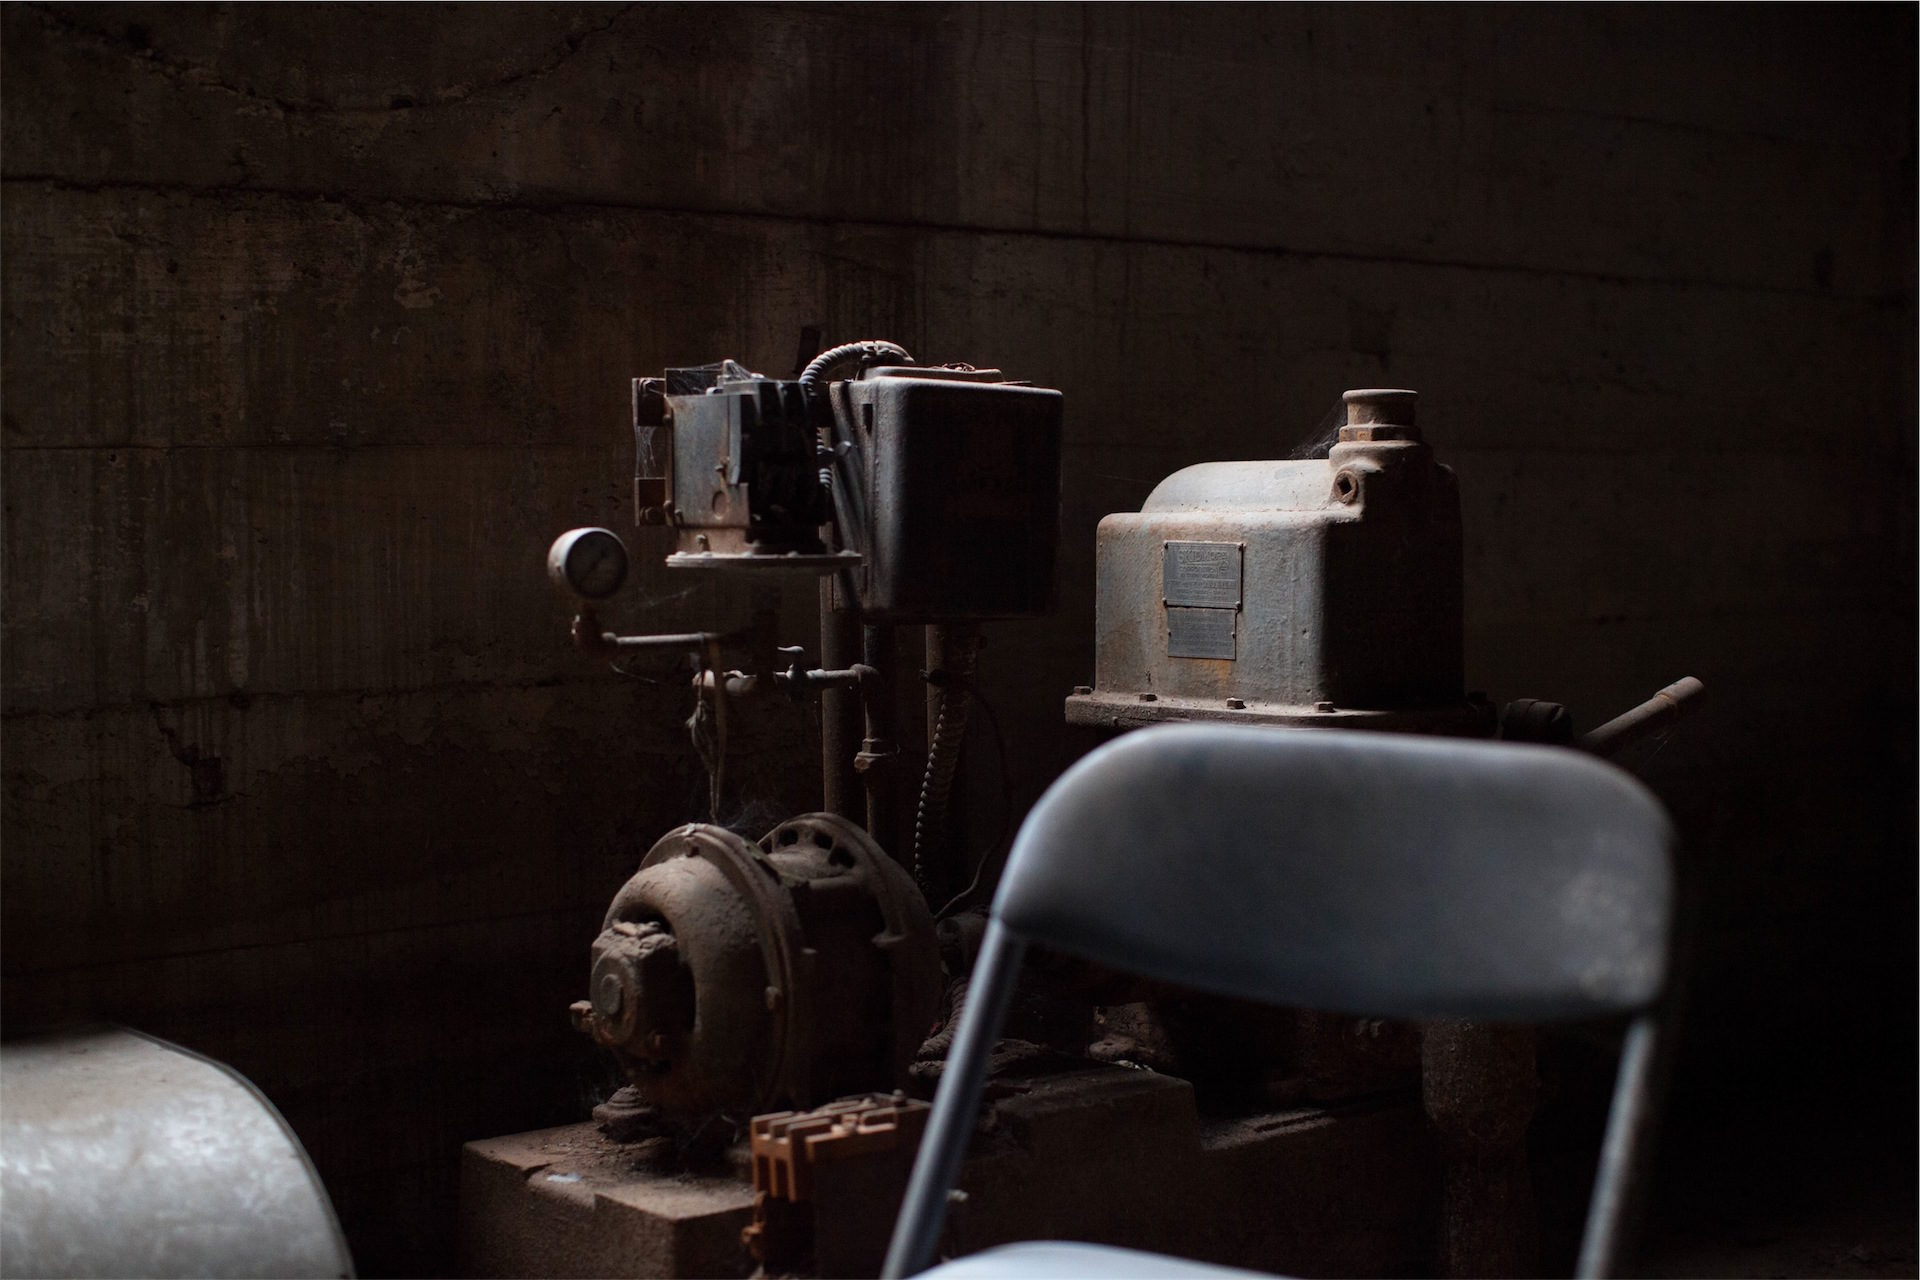 motore, valvole, polvere, antiguo, vecchio - Sfondi HD - Professor-falken.com